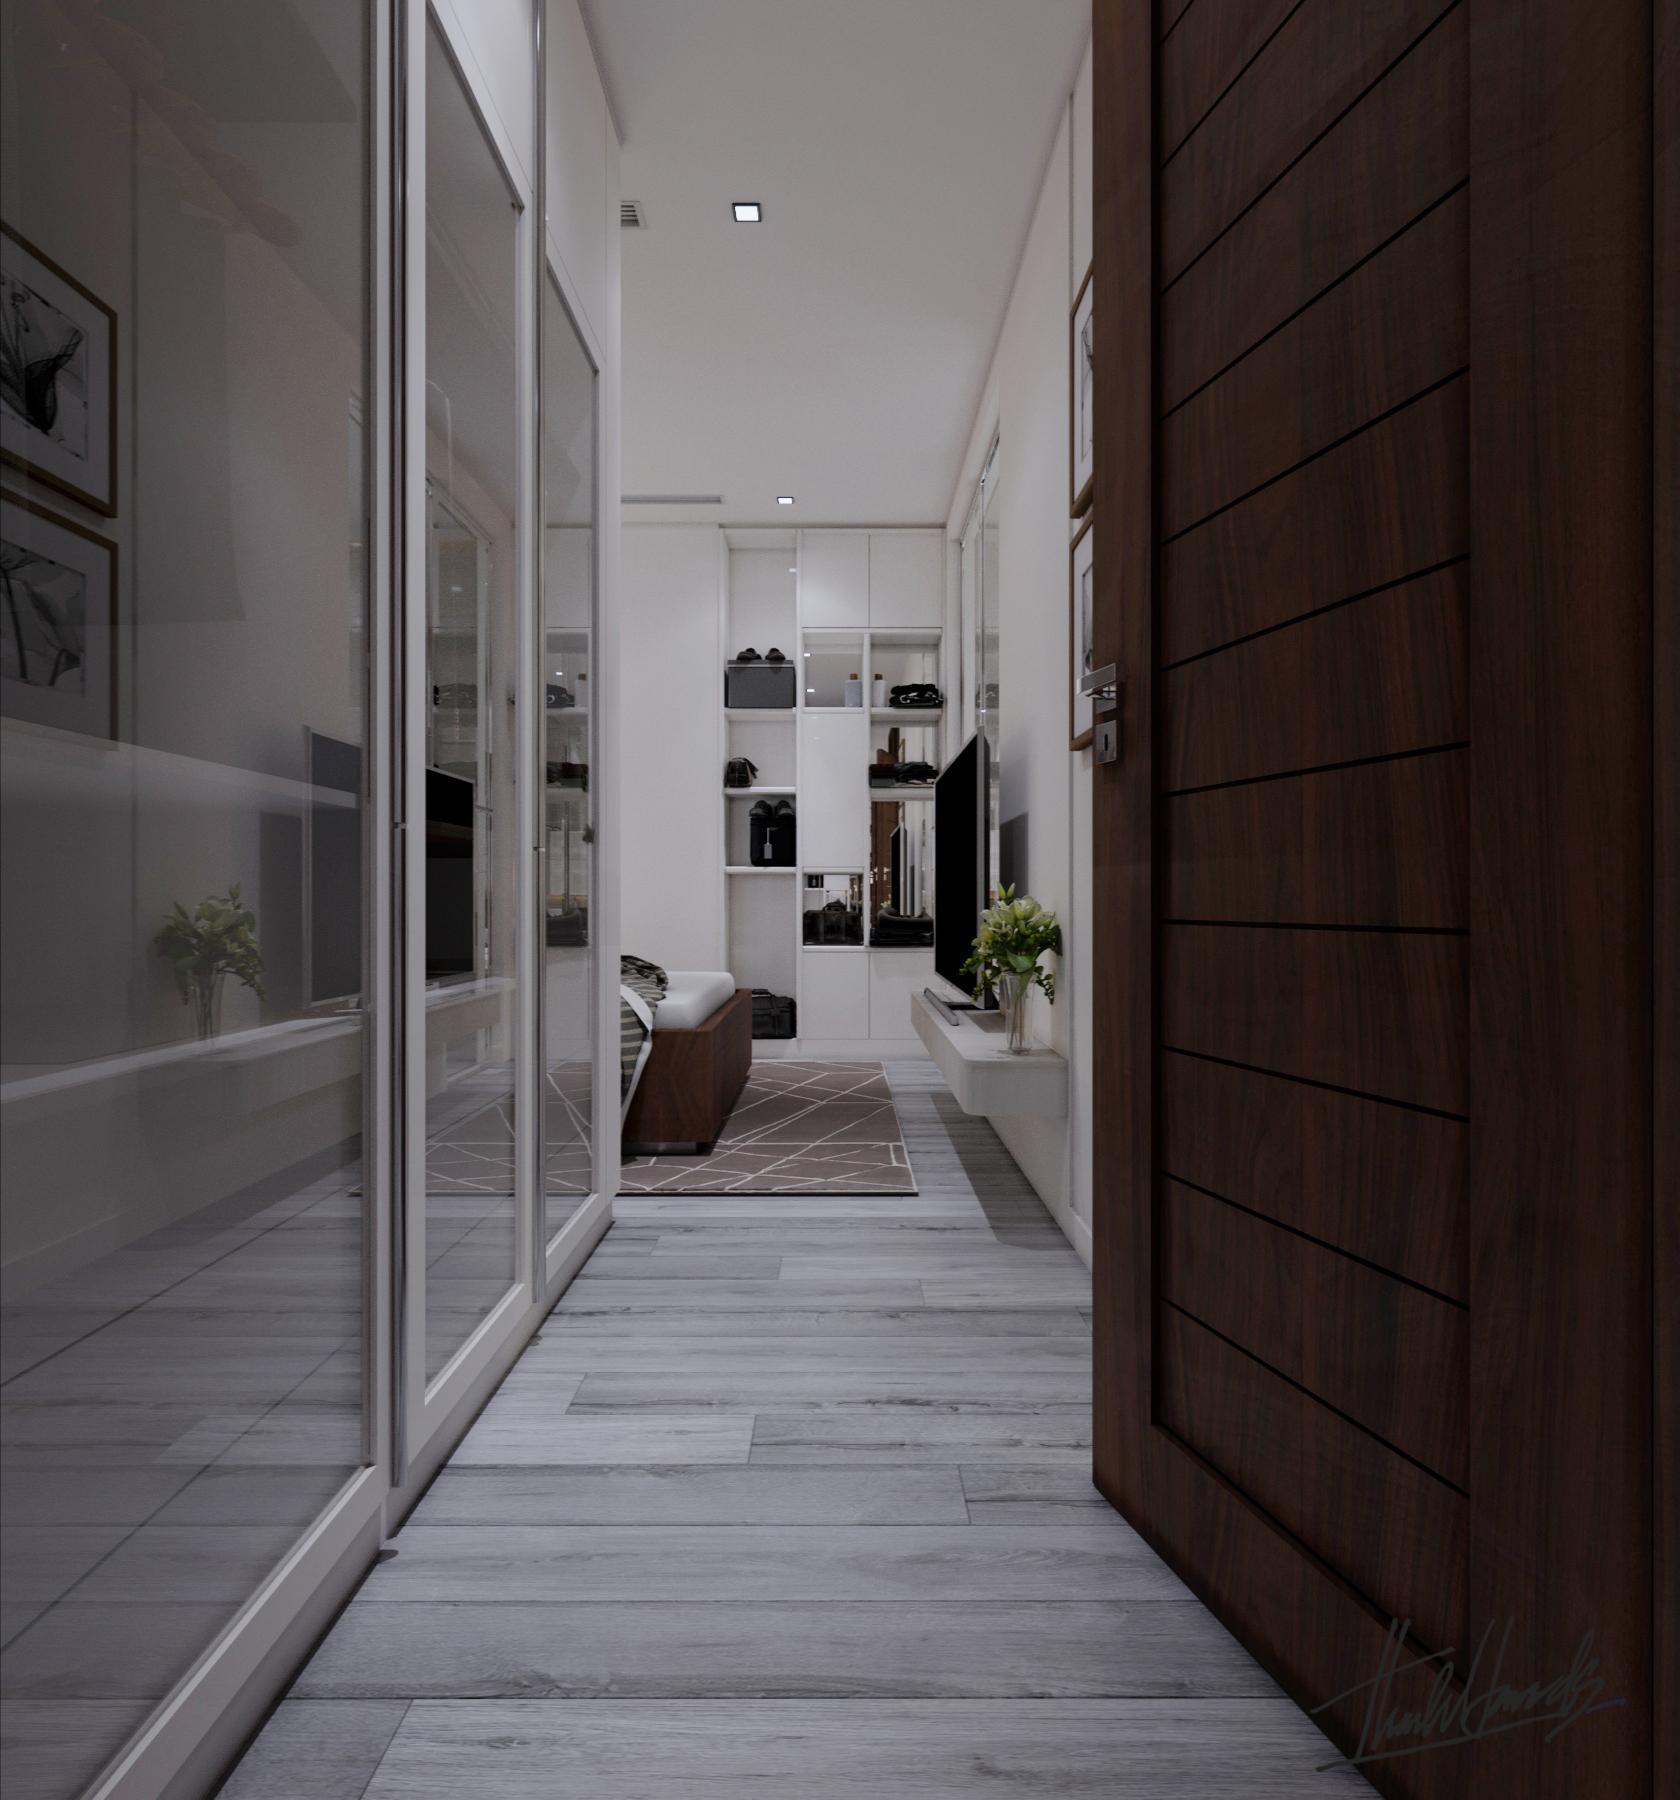 thiết kế Nội thất Chung Cư chung cư - Vin mỹ đình242